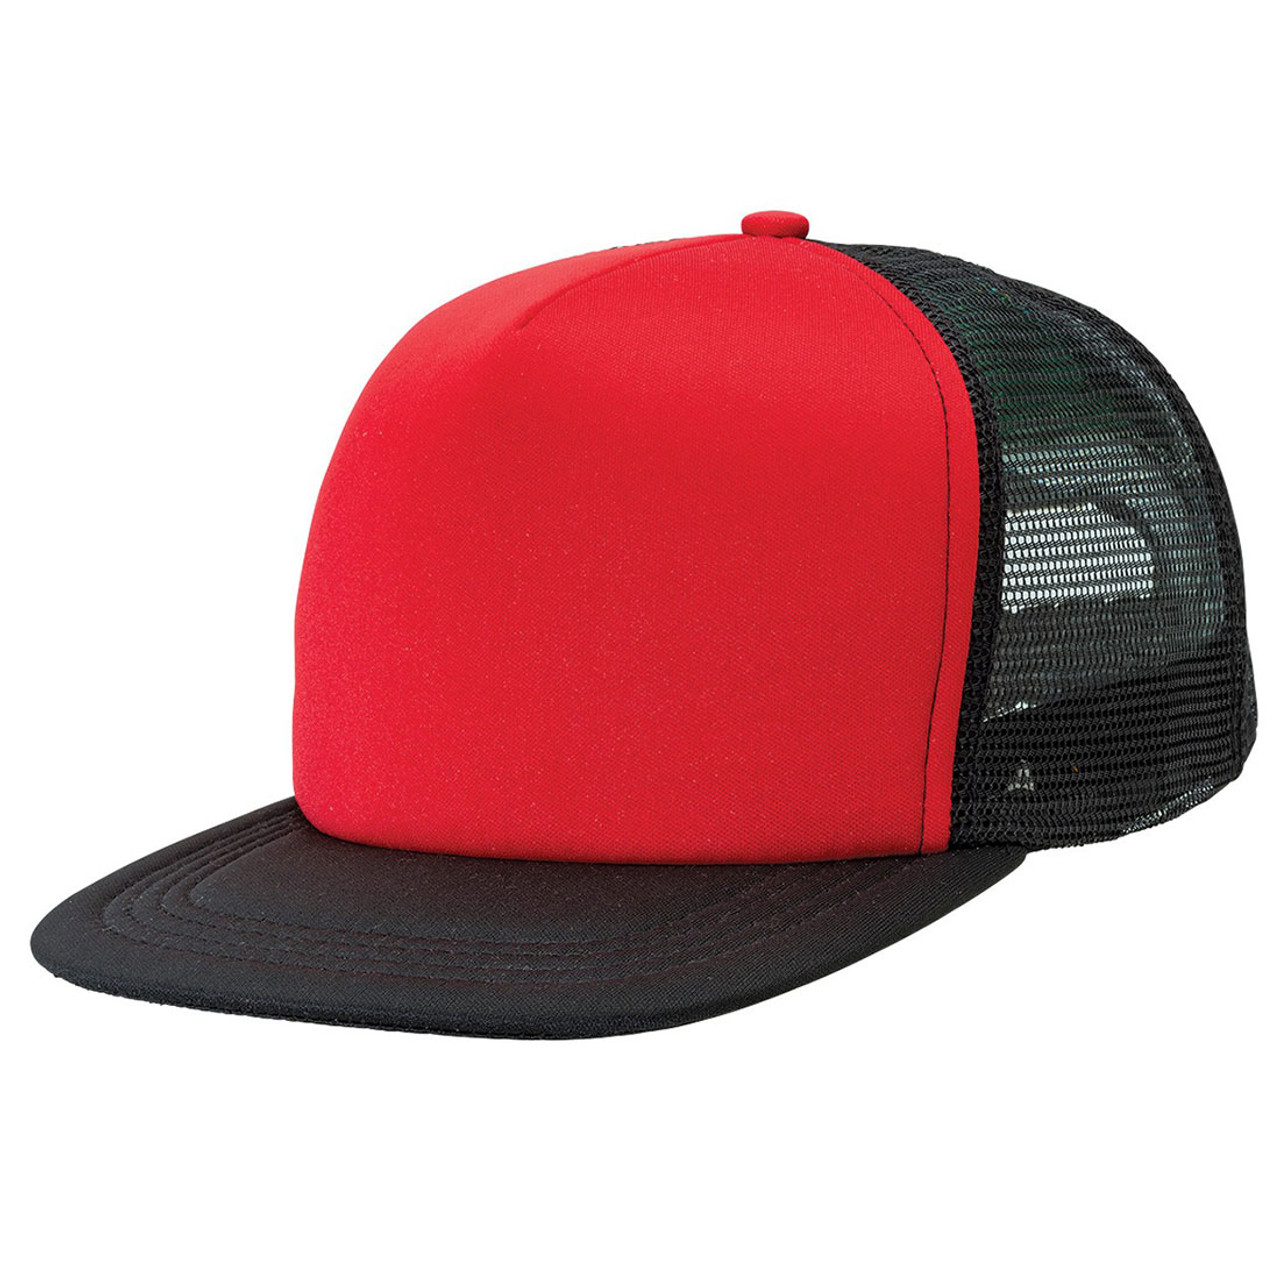 eecc85293ae wholesale plain flat peak trucker cap